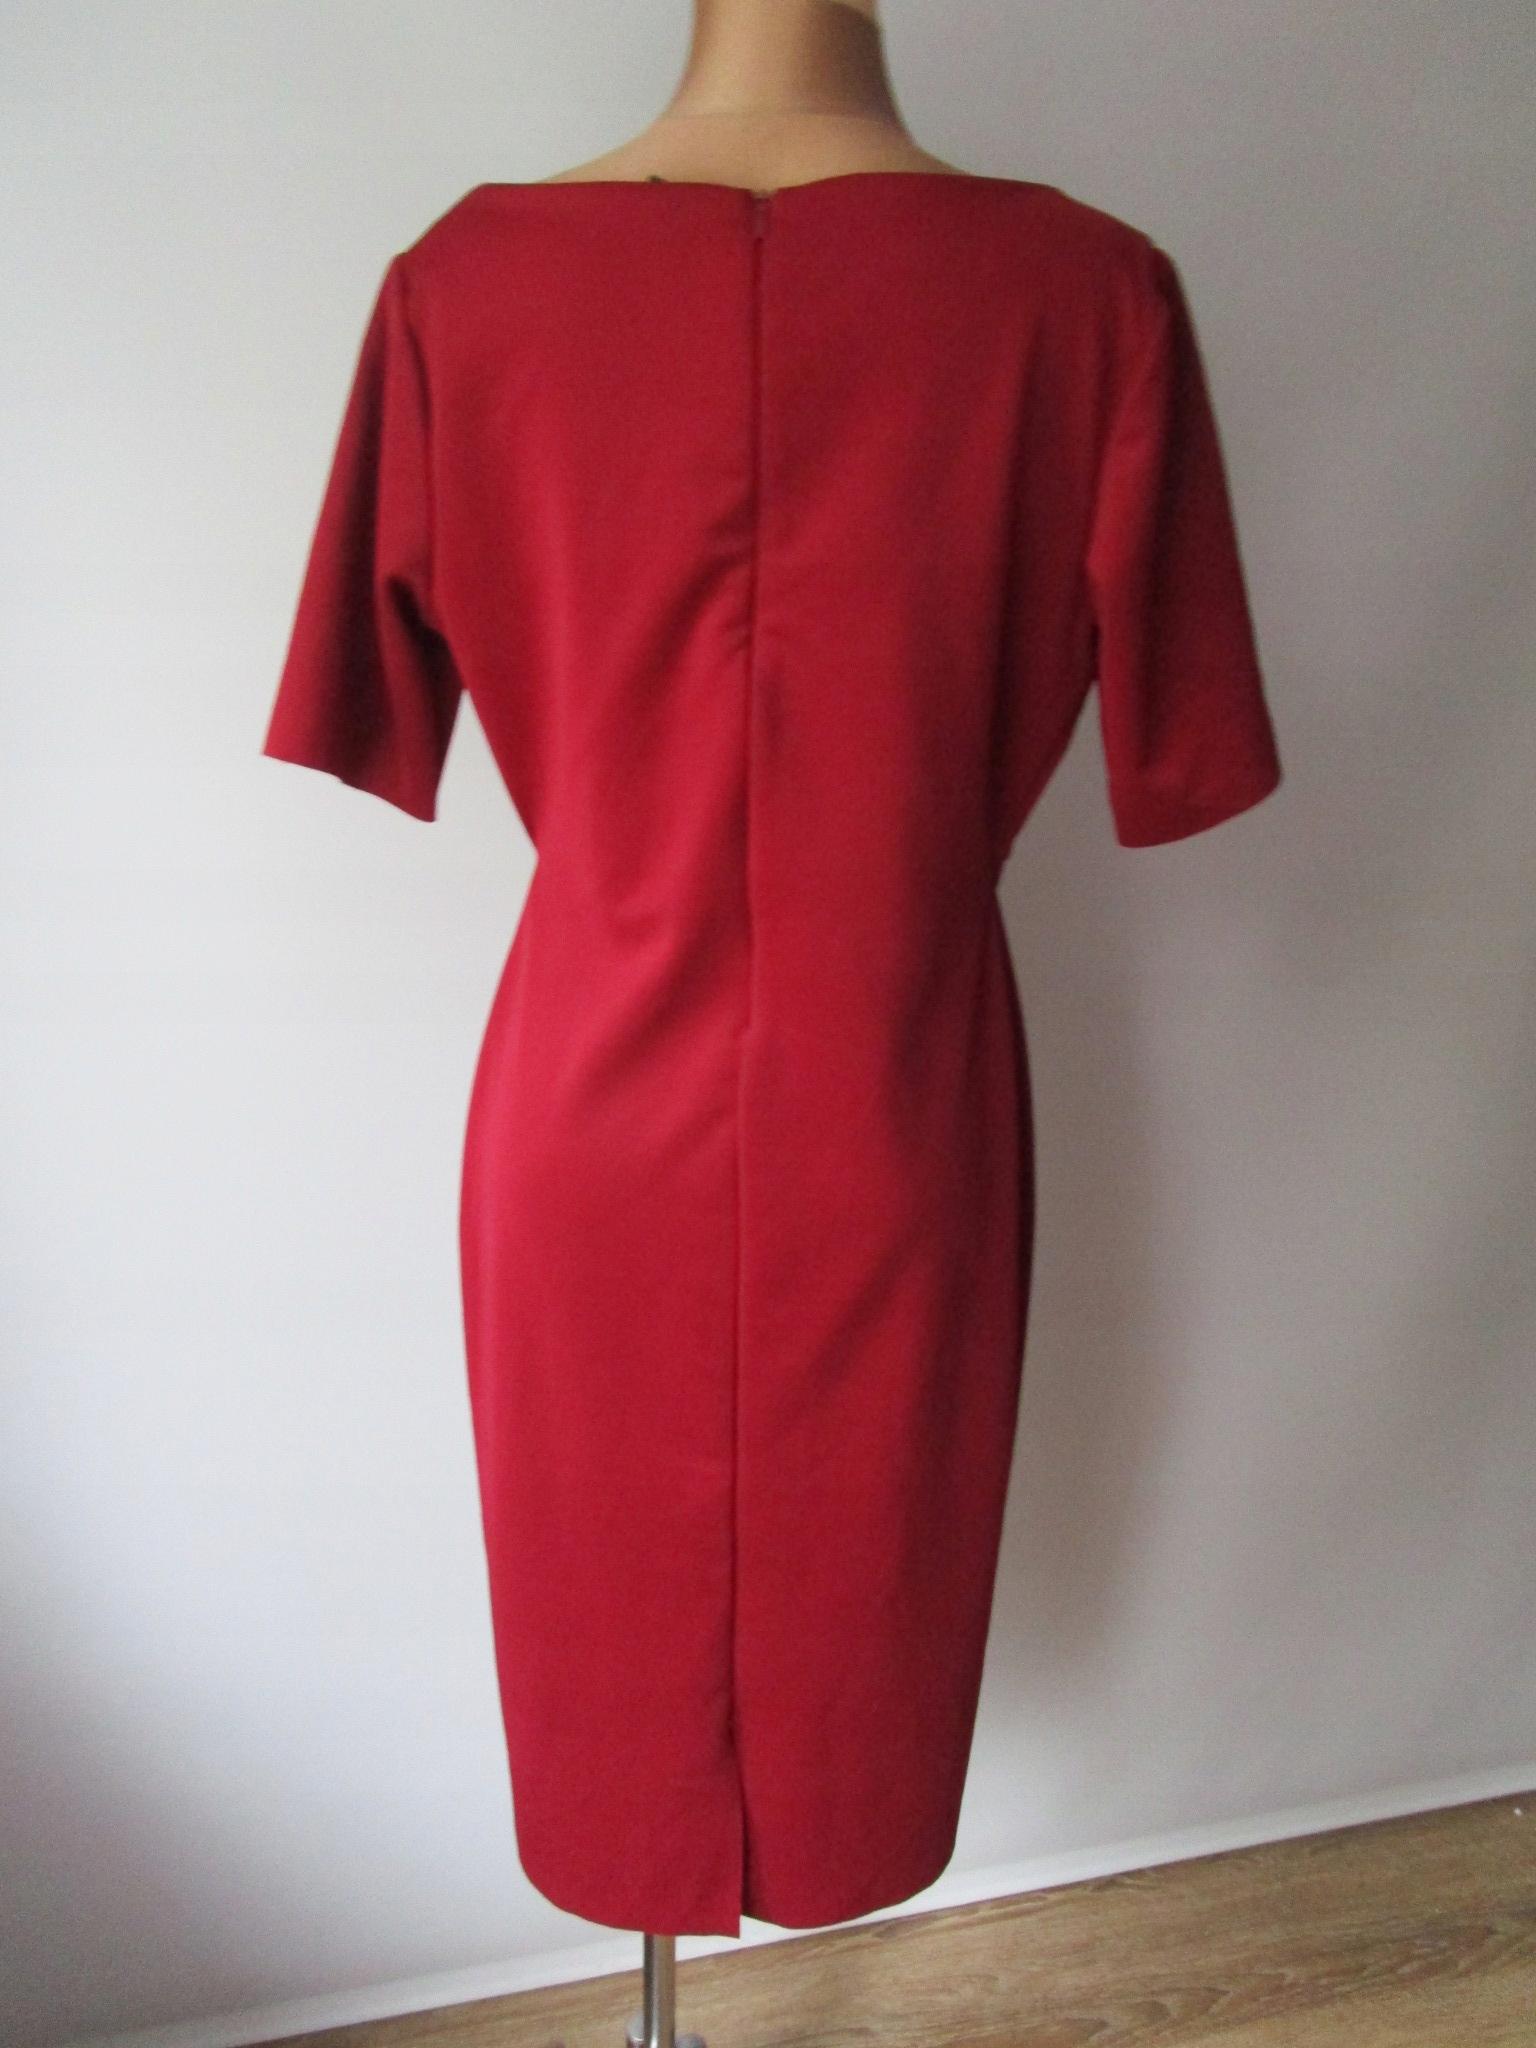 08a4ca0bcf 40 42 Sukienka H M elastyczna bordowa - 3 - 7674039143 - oficjalne ...